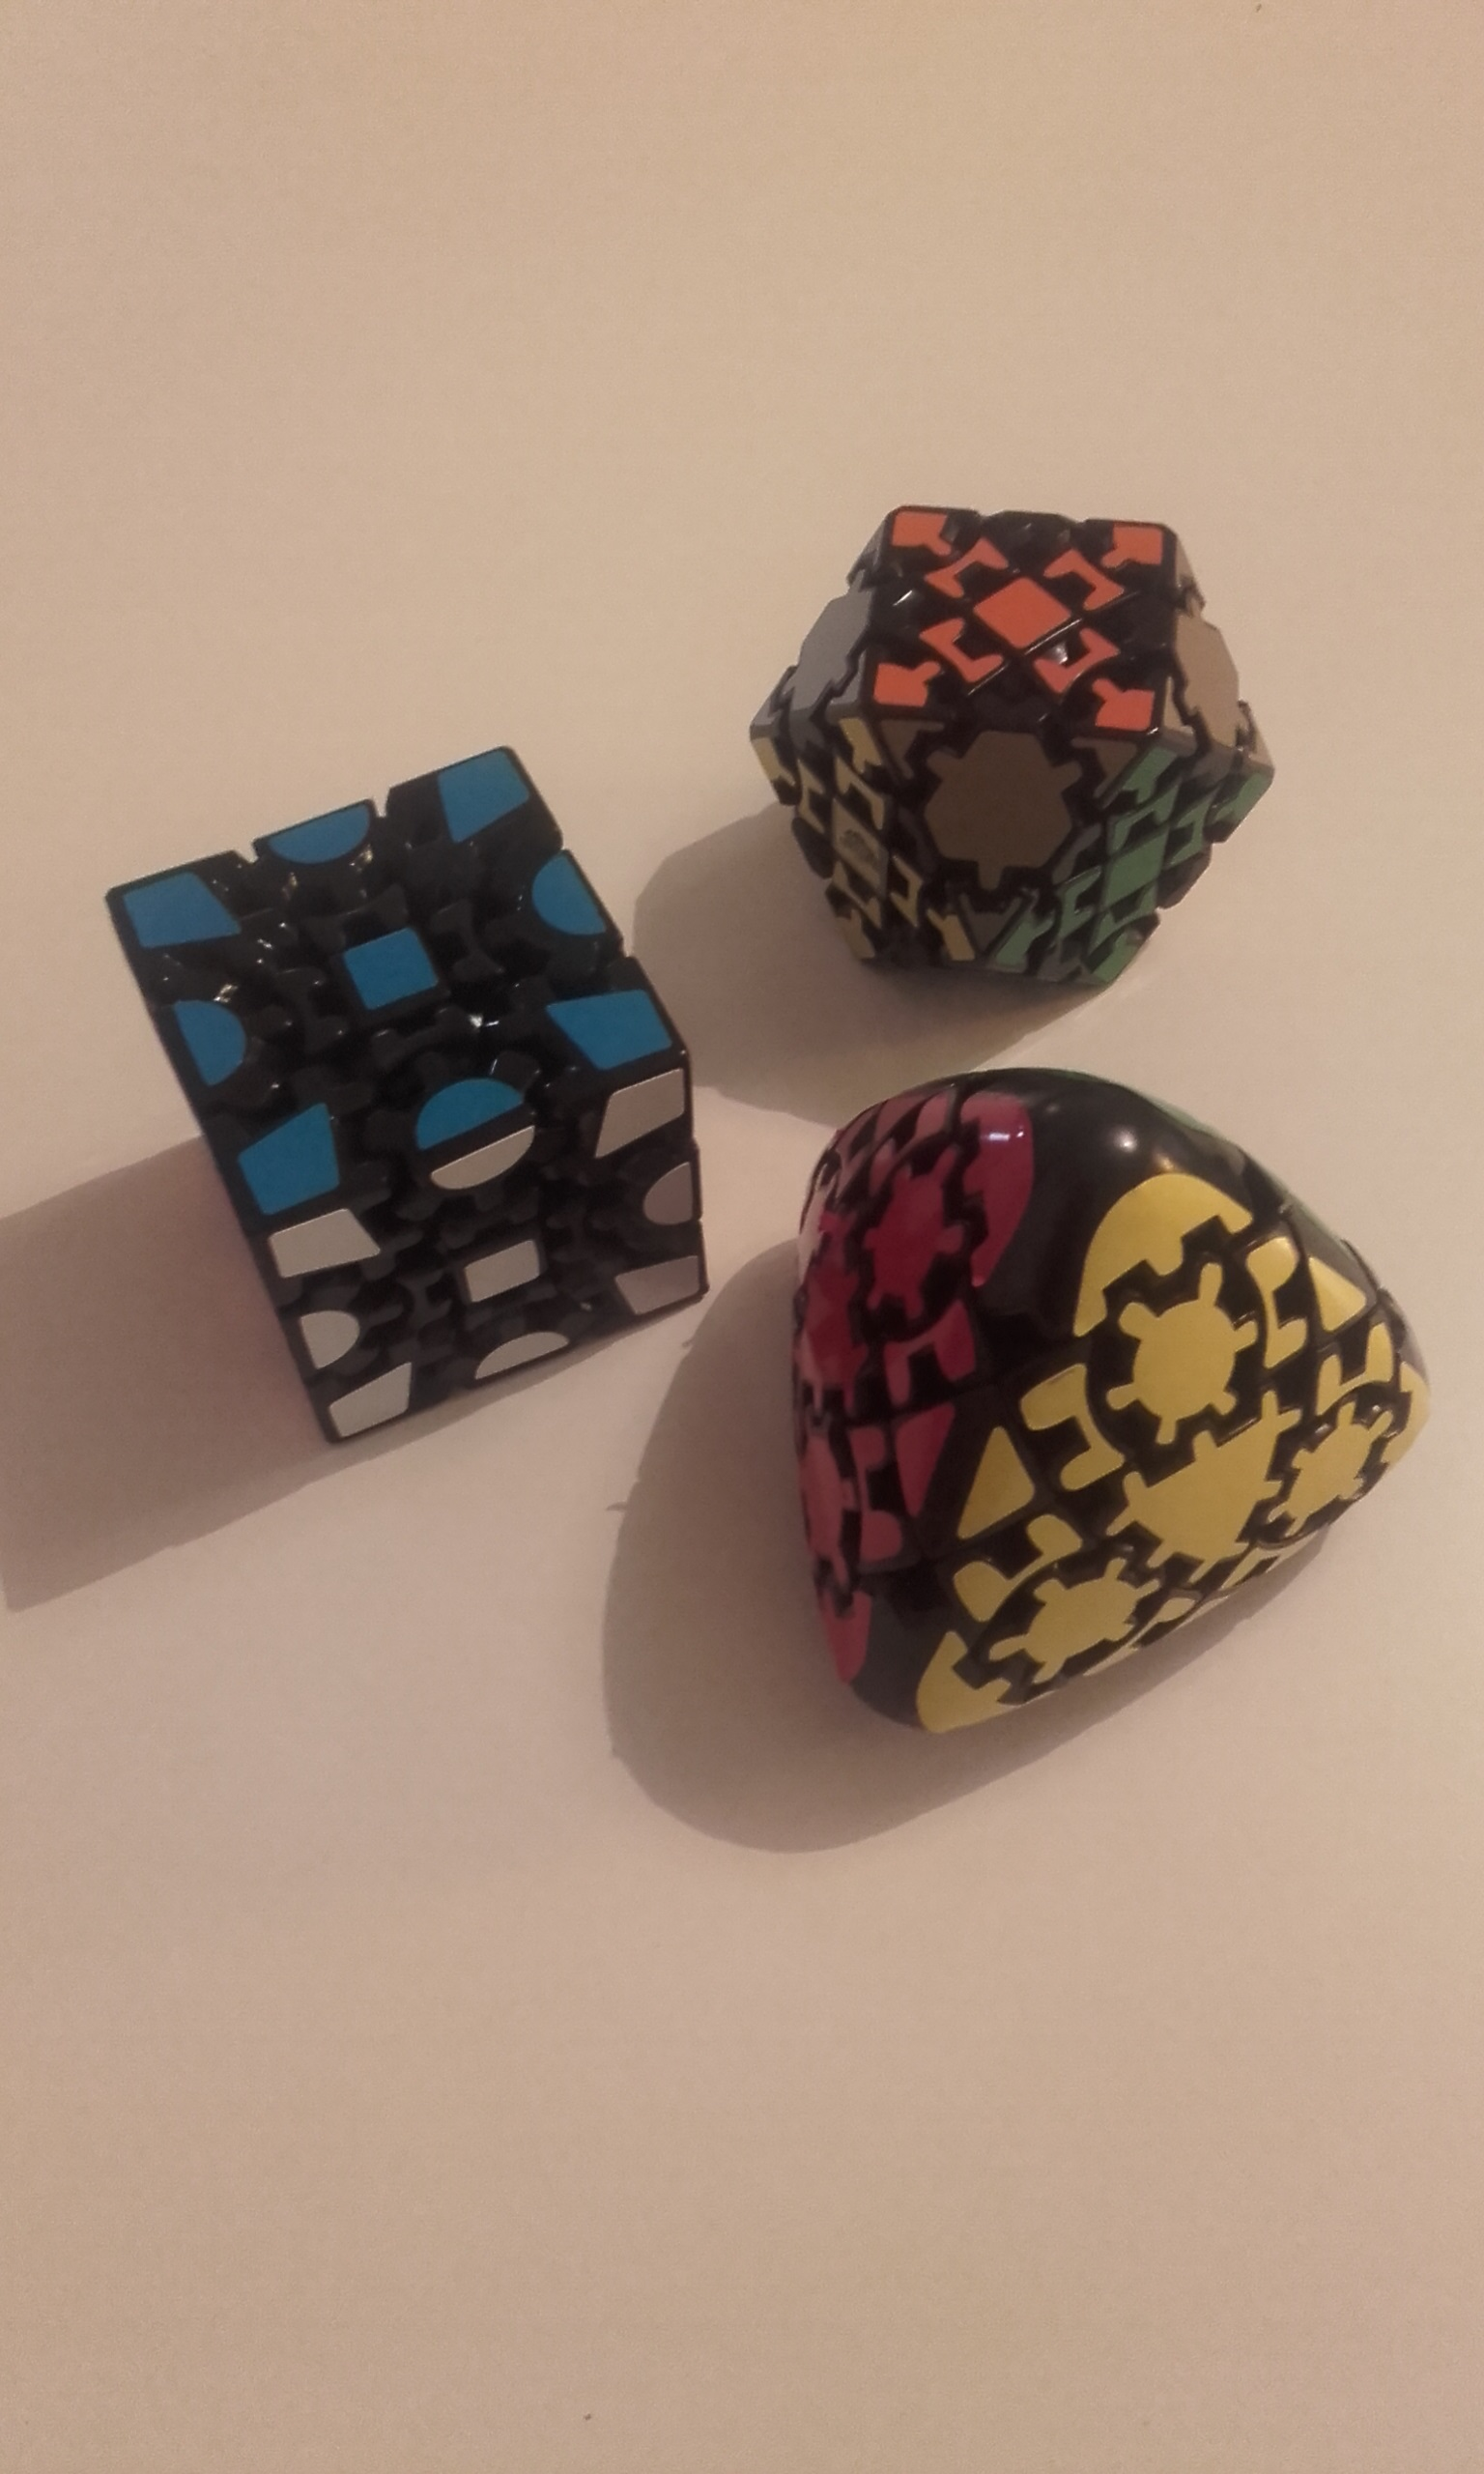 Gear_cubes